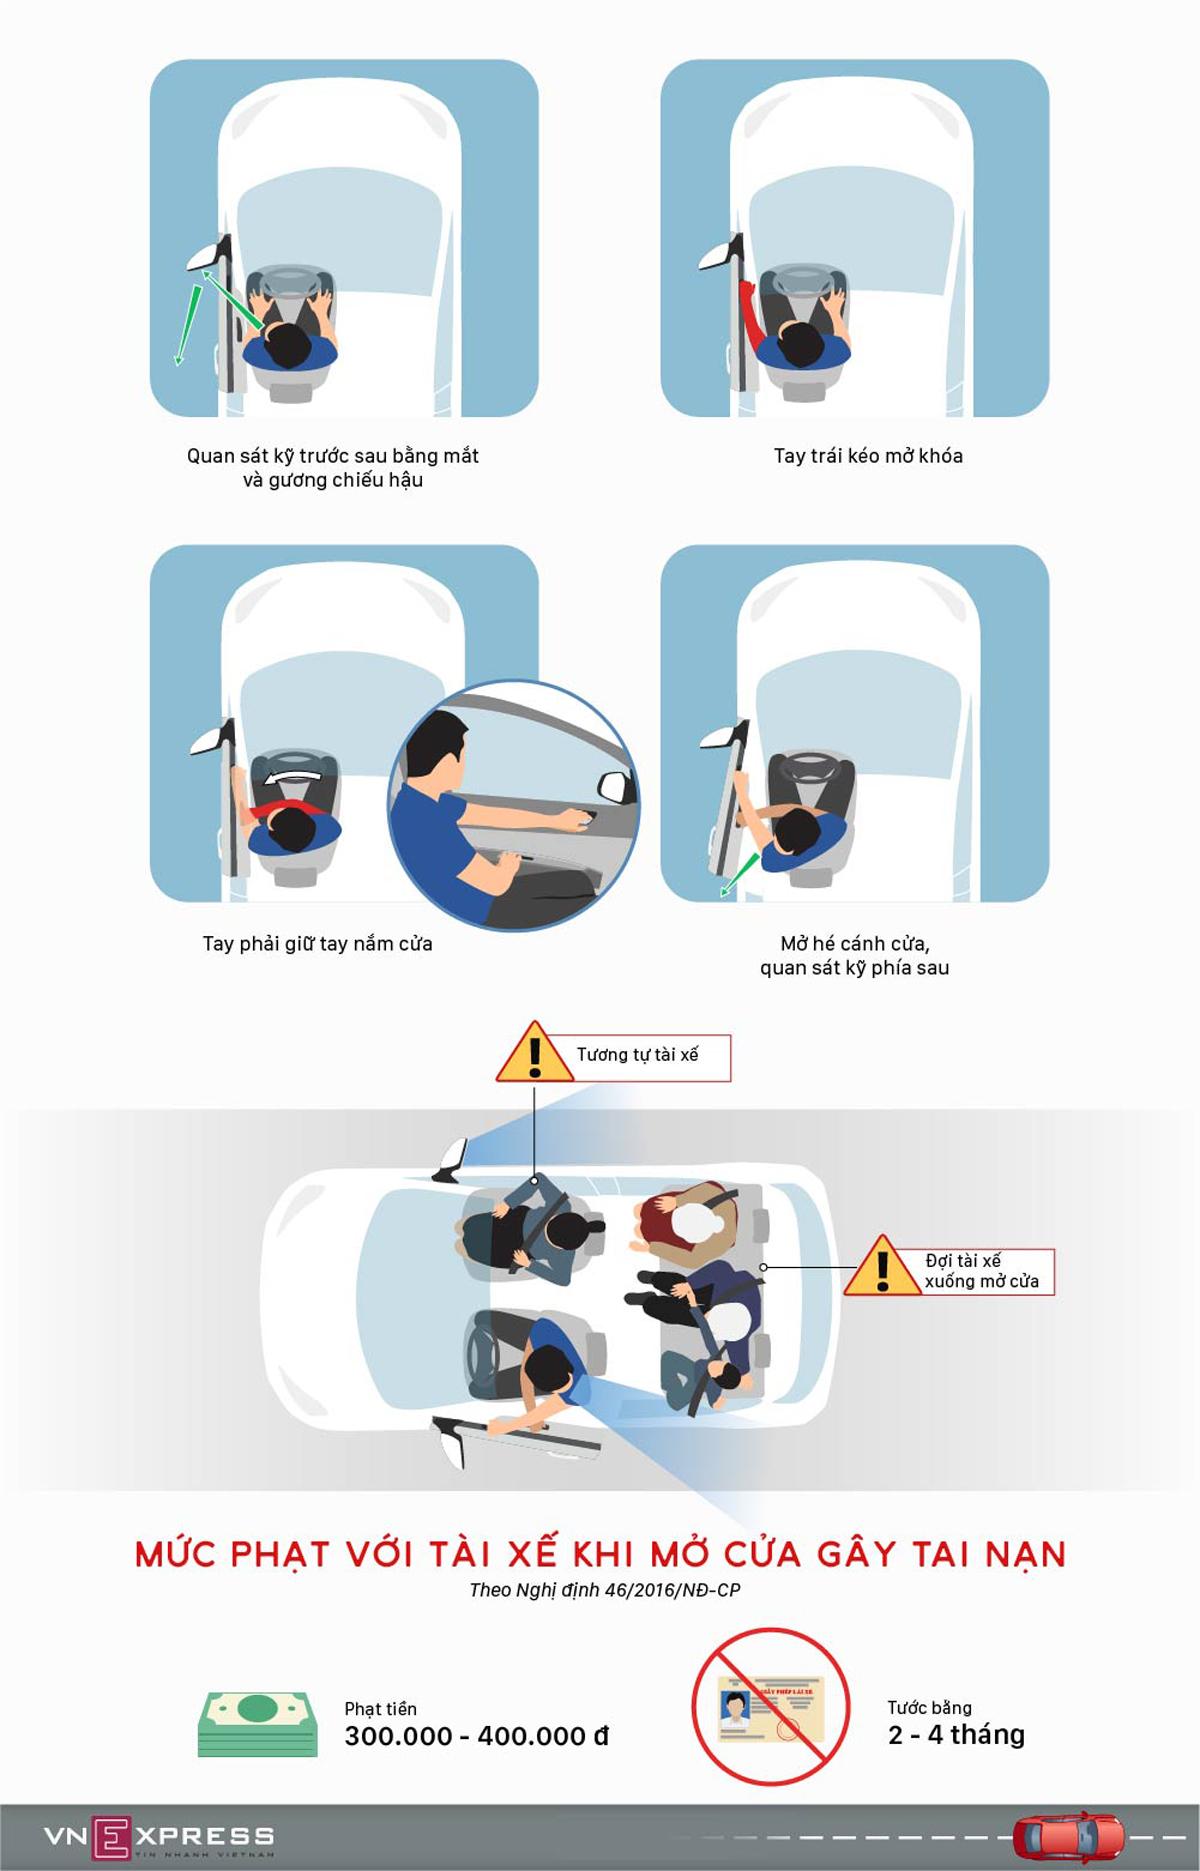 mở cửa xe, mở cửa xe văn minh, mở cửa xe an toàn